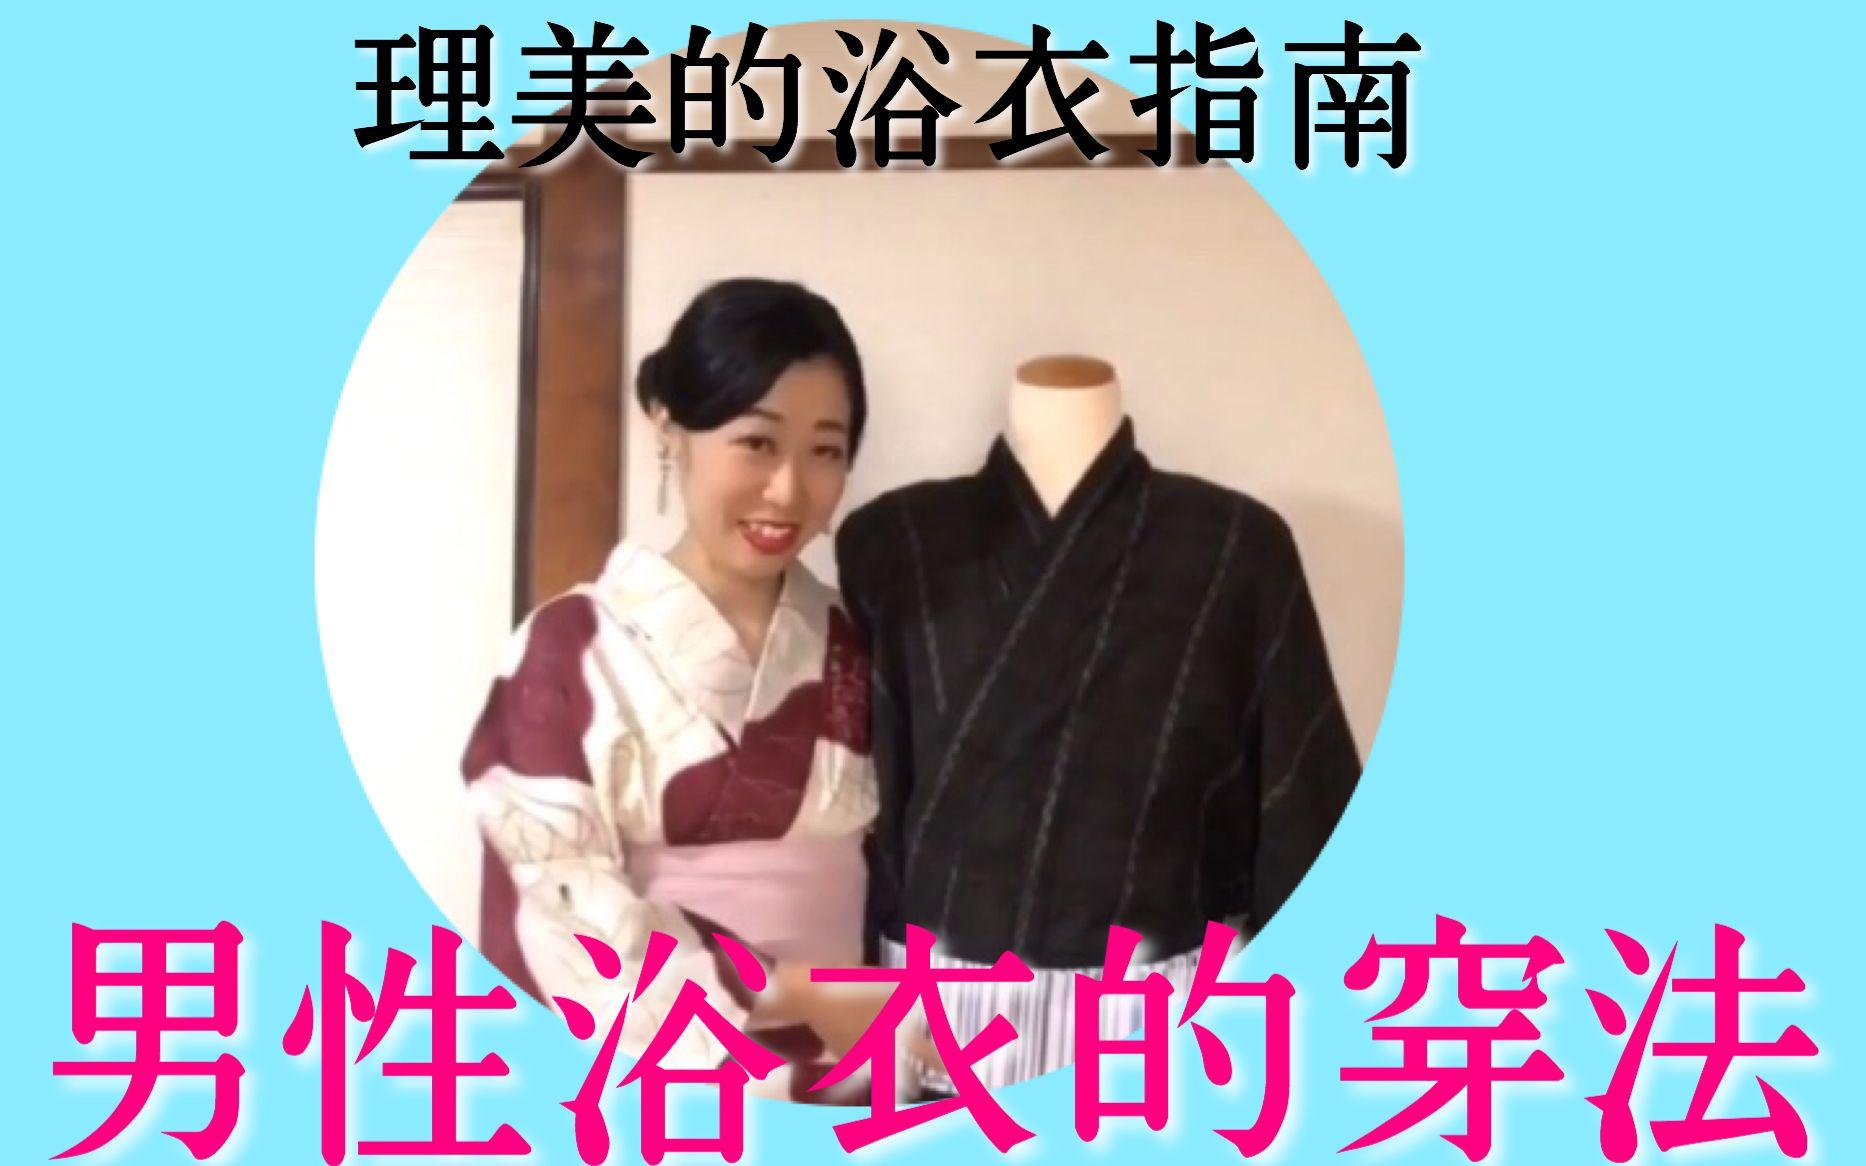 【理美的浴衣指南】男性浴衣的穿法